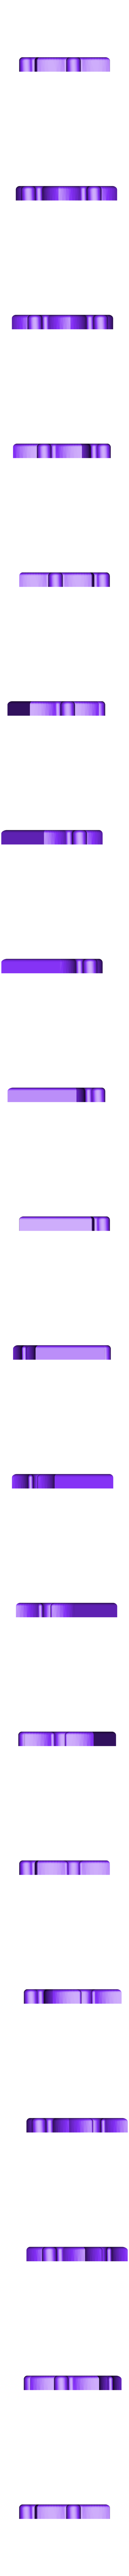 Cell_Puzzle_Top.STL Télécharger fichier STL gratuit Échecs démoctratiques • Modèle à imprimer en 3D, Ghashnarb